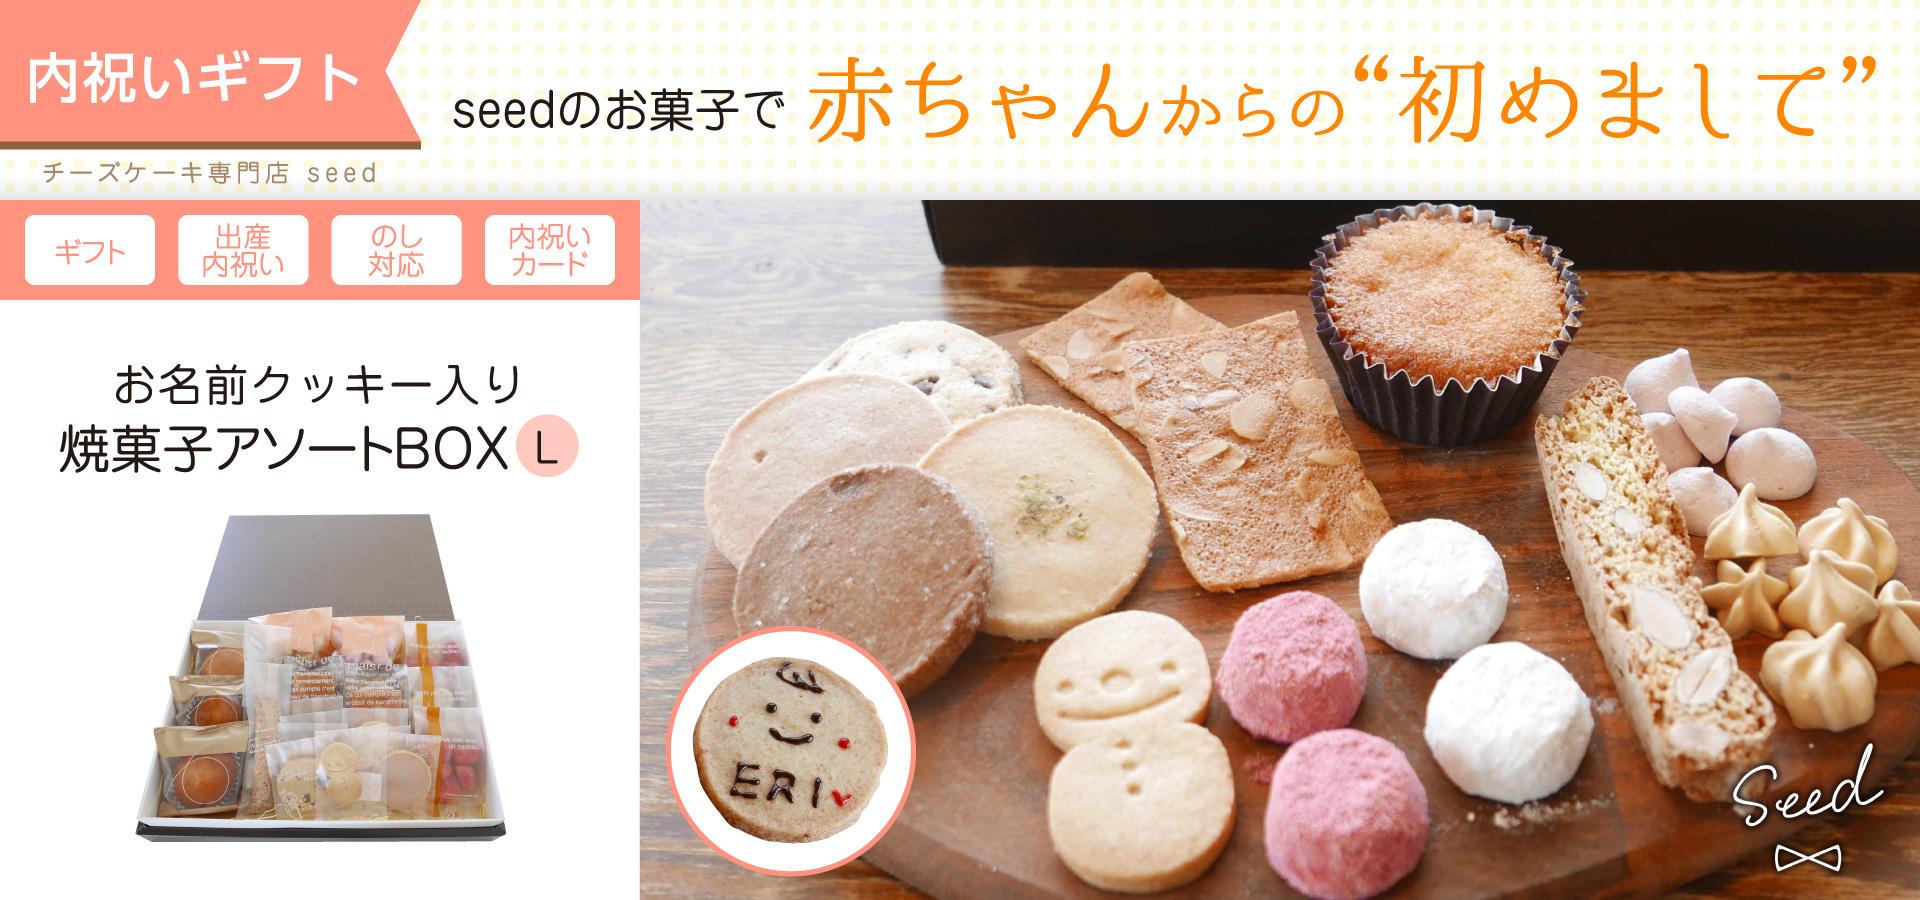 【内祝い】お名前クッキー入り 焼菓子アソートBOX(L)